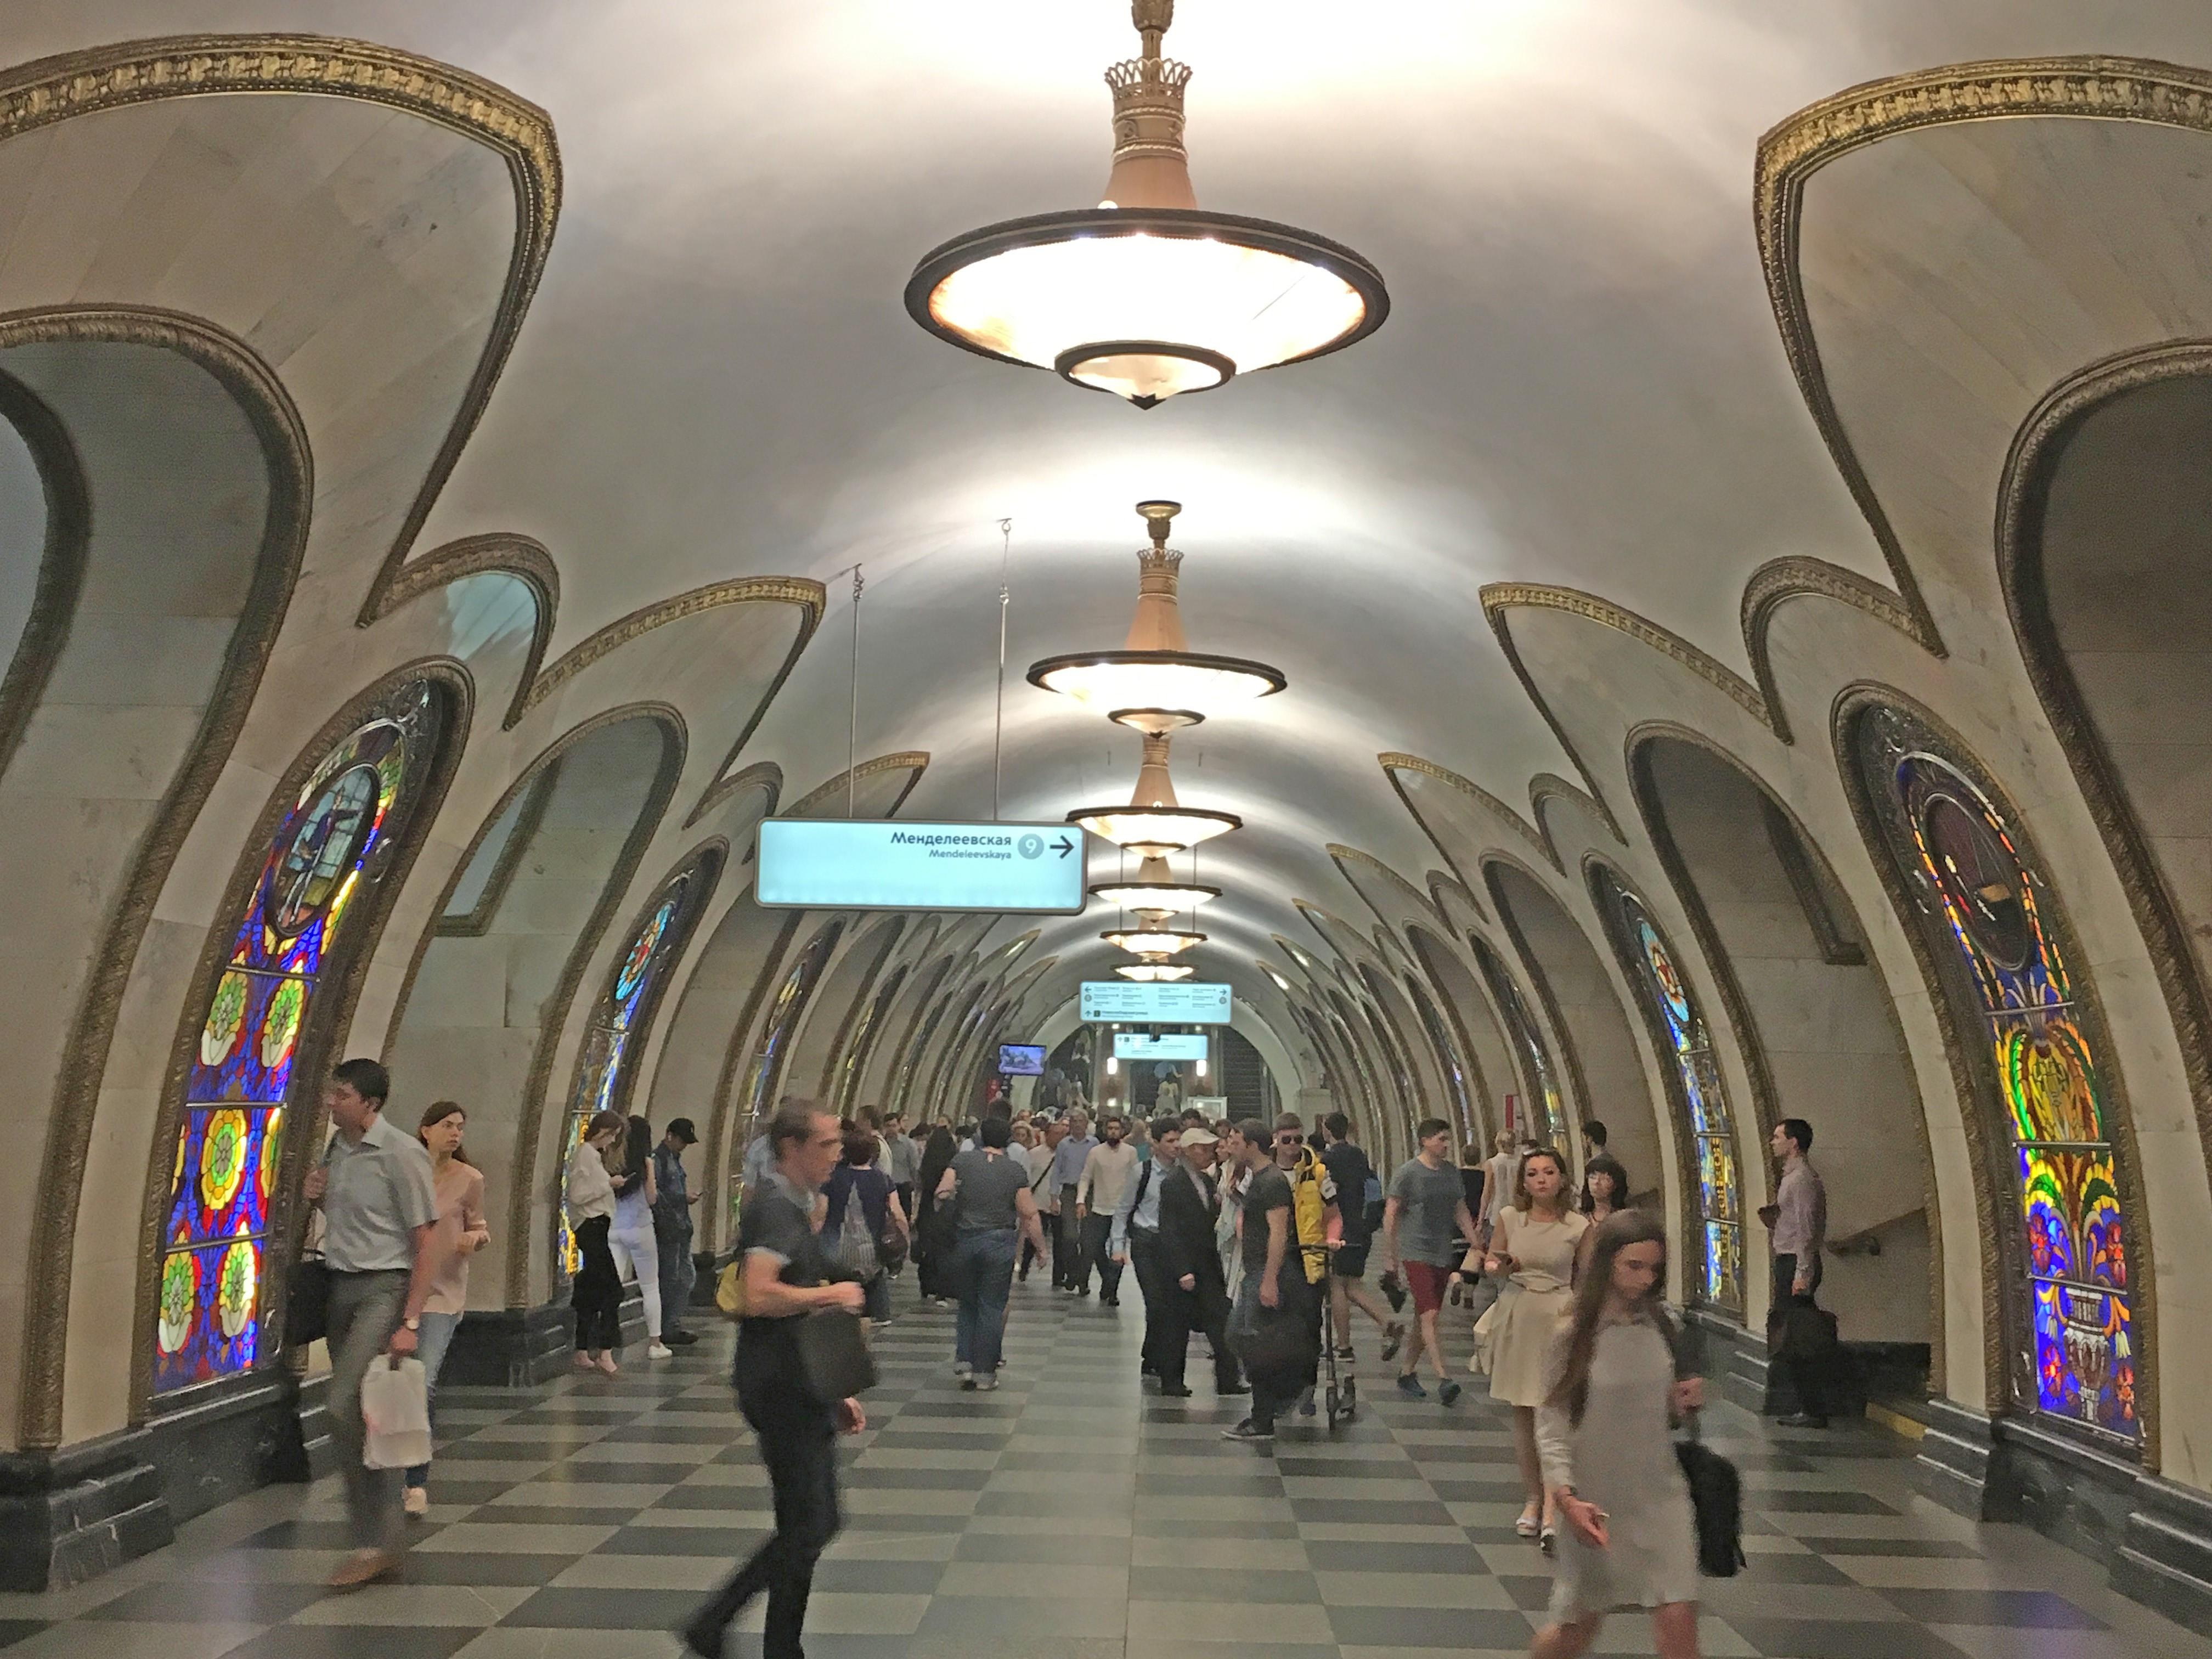 Estações de metrô são atração obrigatória para quem visita Moscou na Copa do Mundo; VÍDEO